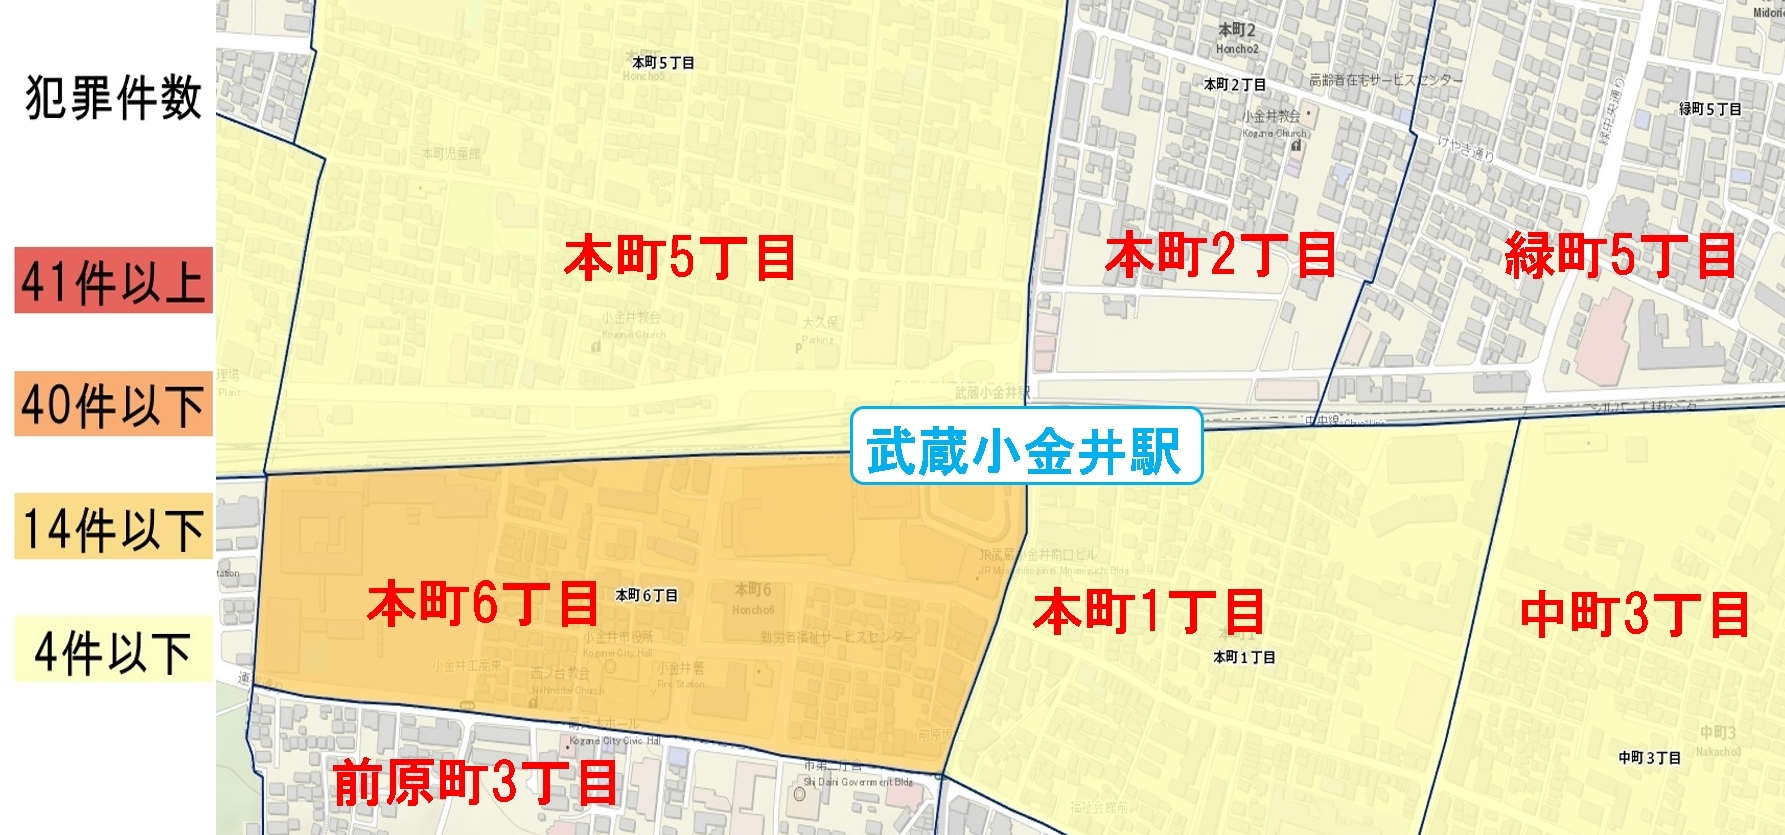 武蔵小金井駅周辺の粗暴犯の犯罪件数マップ